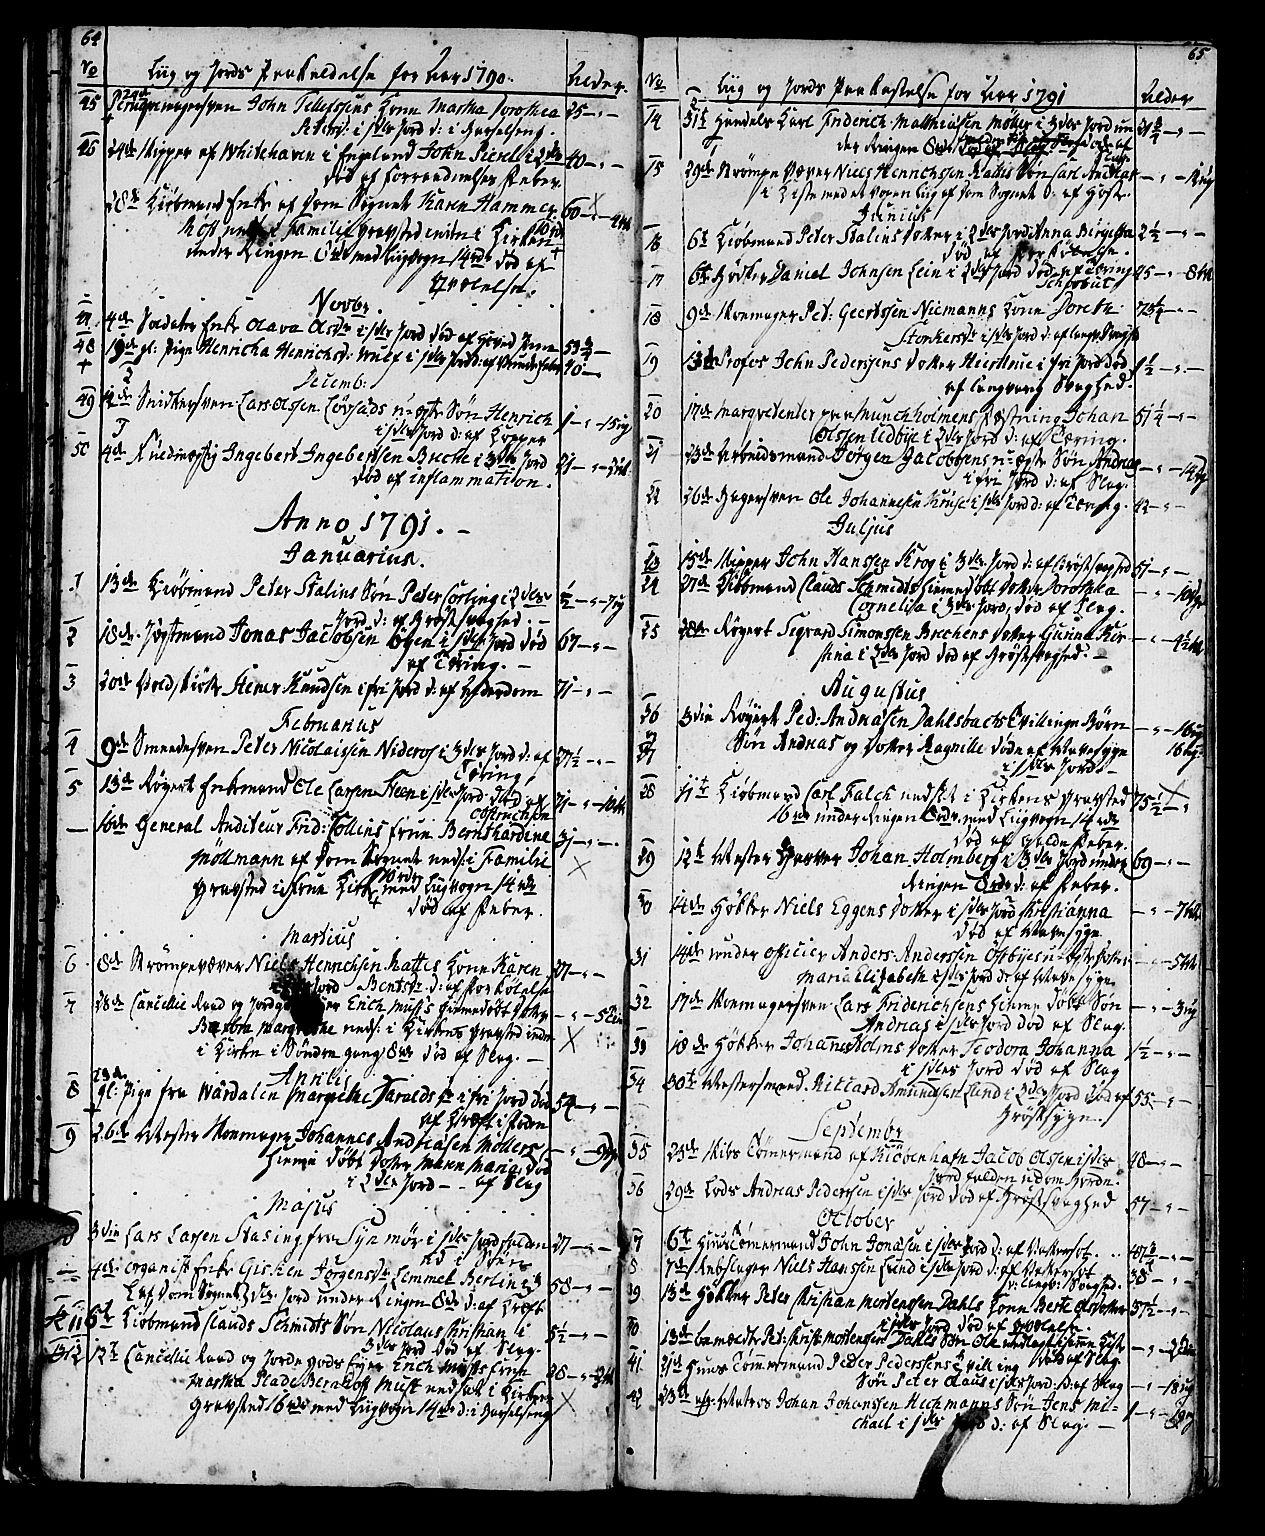 SAT, Ministerialprotokoller, klokkerbøker og fødselsregistre - Sør-Trøndelag, 602/L0134: Klokkerbok nr. 602C02, 1759-1812, s. 64-65